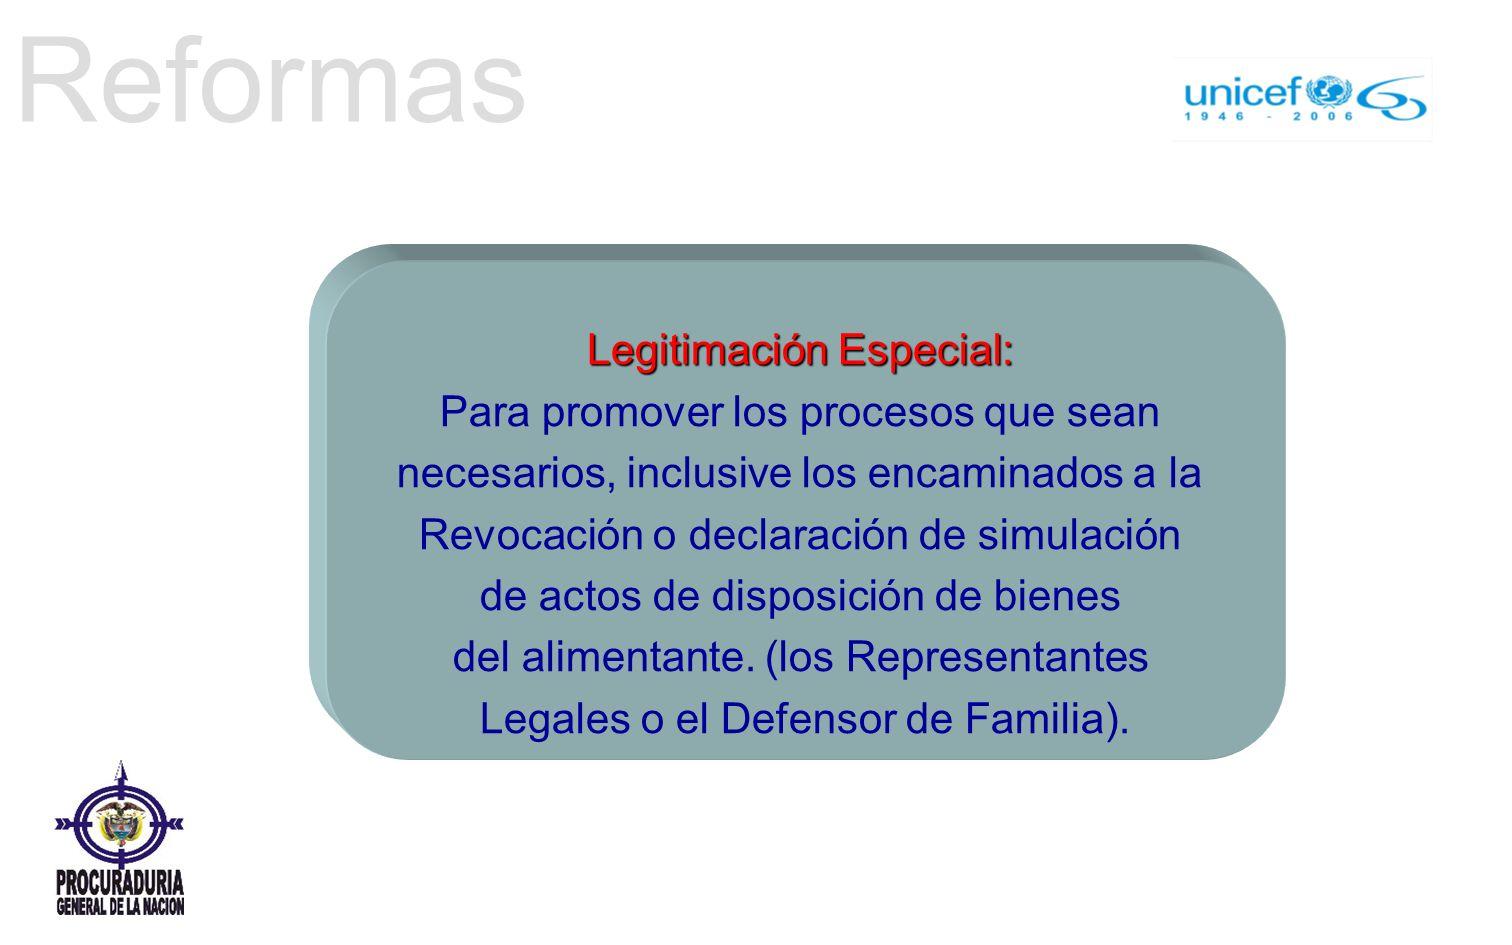 Reformas Legitimación Especial: Para promover los procesos que sean